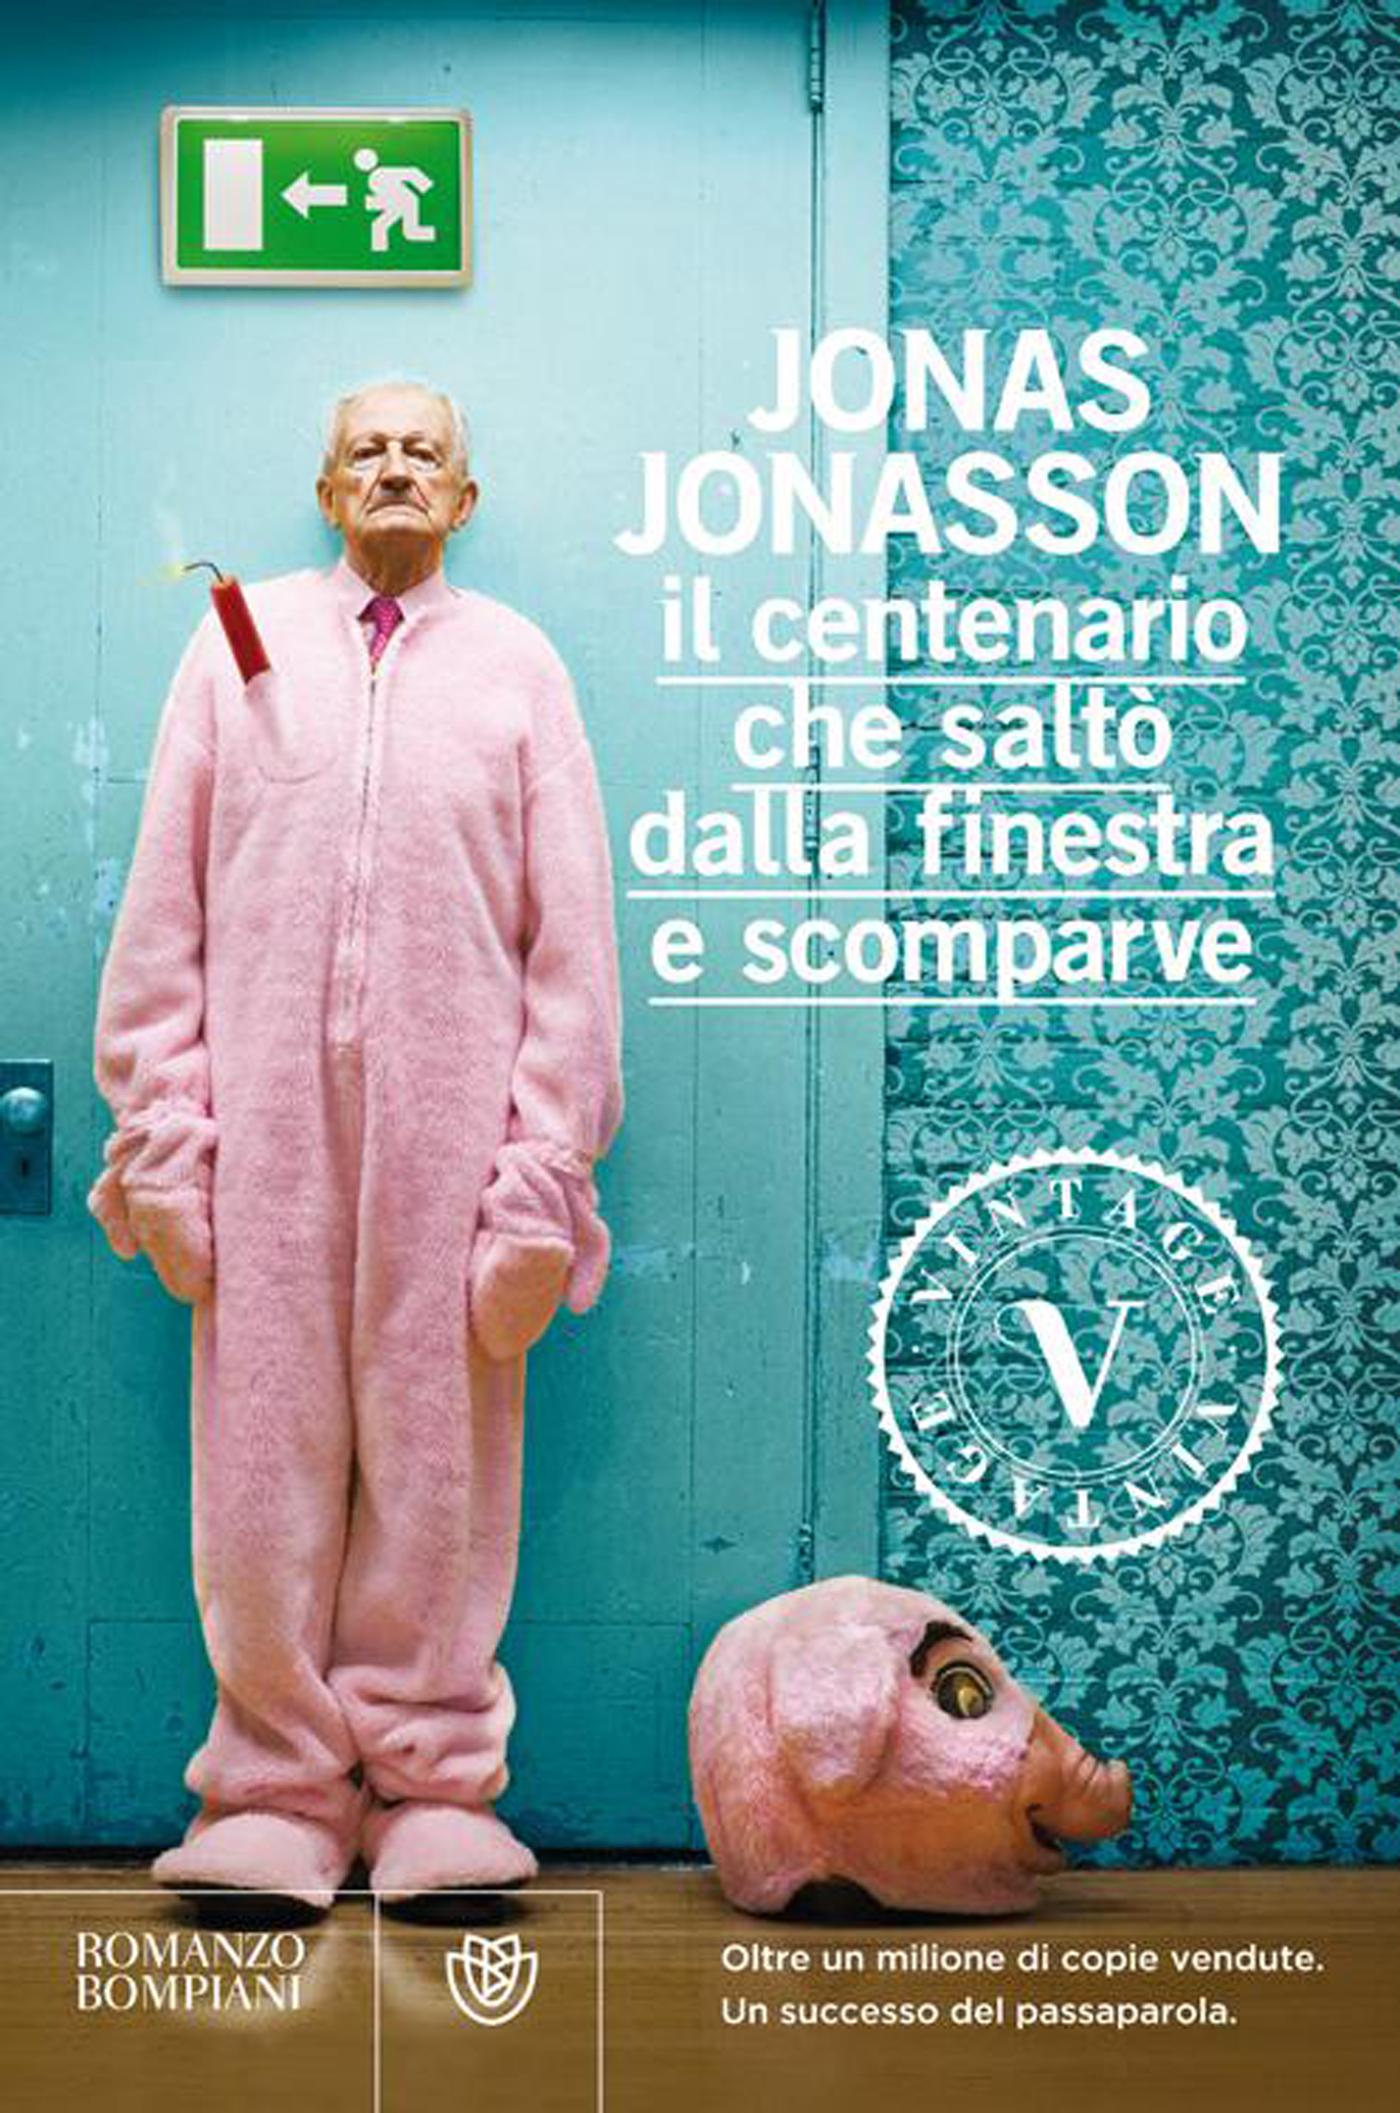 Leolivediziamilla maggio 2012 - Il centenario che salto dalla finestra e scomparve trailer ...